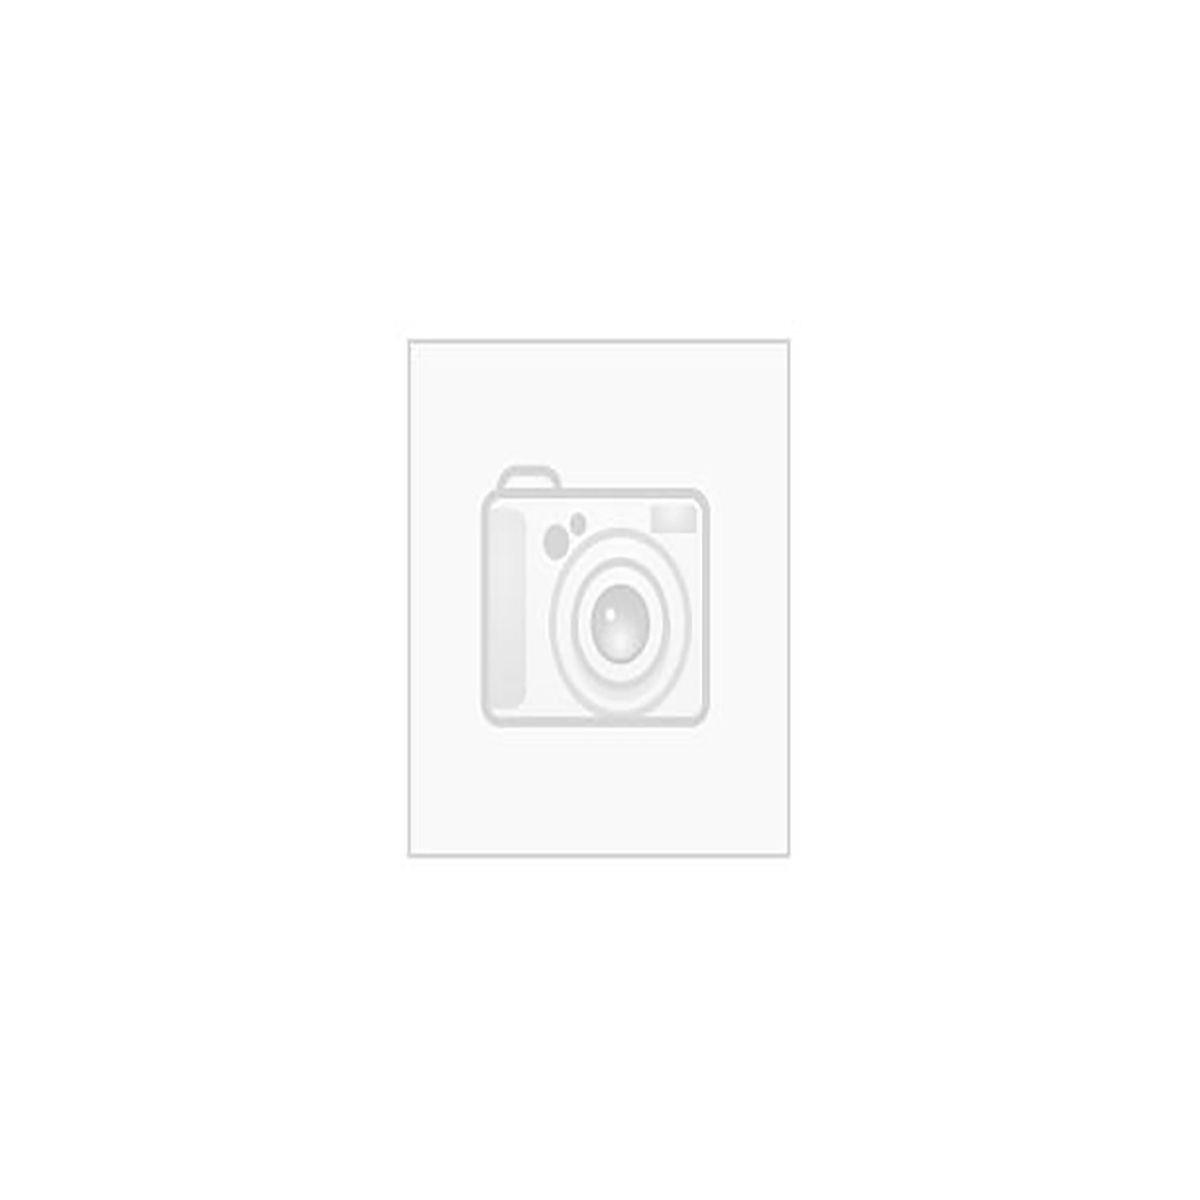 Sanipex Plastklammer dobbel 12 mm